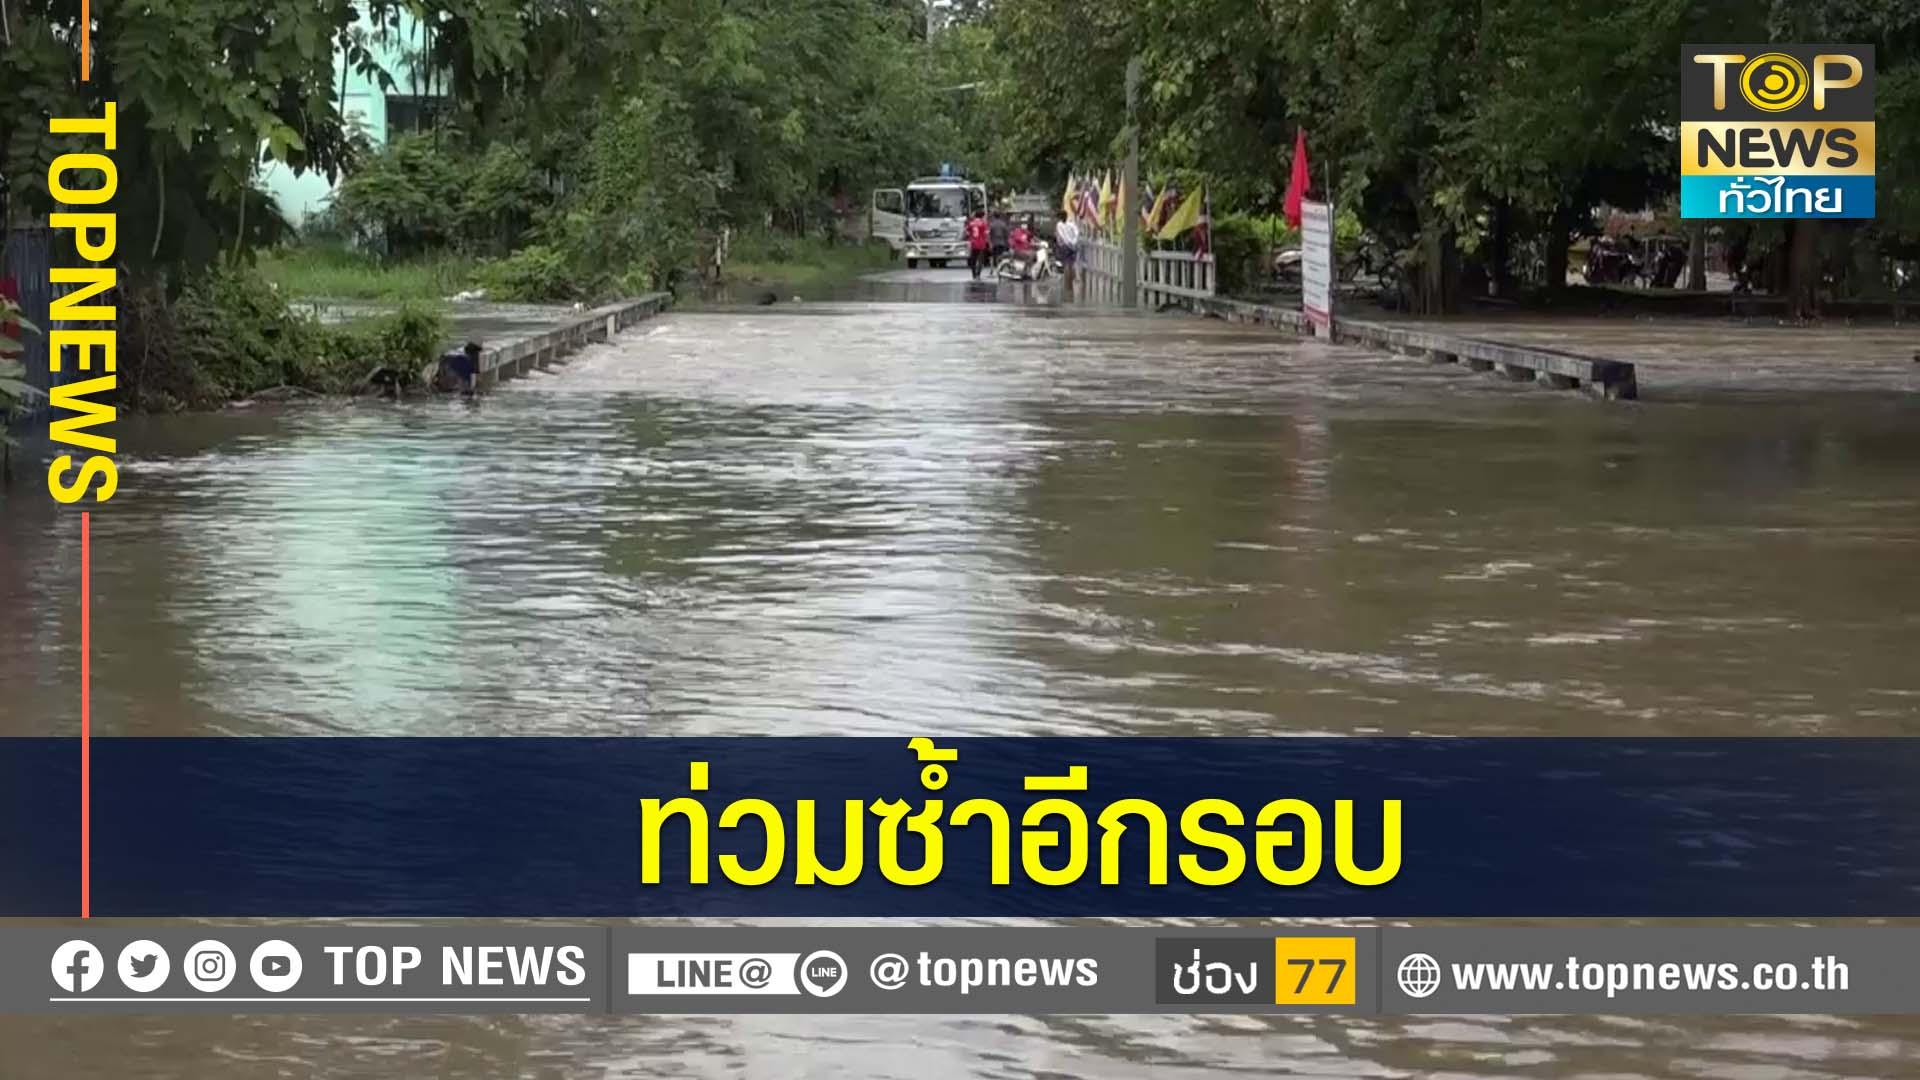 อ.ด่านขุนทด ท่วมรอบ 2 หลังฝนตกนานกว่า 8 ชม. ถนนถูกตัดขาด นาข้าวจมน้ำเสียหายยับ